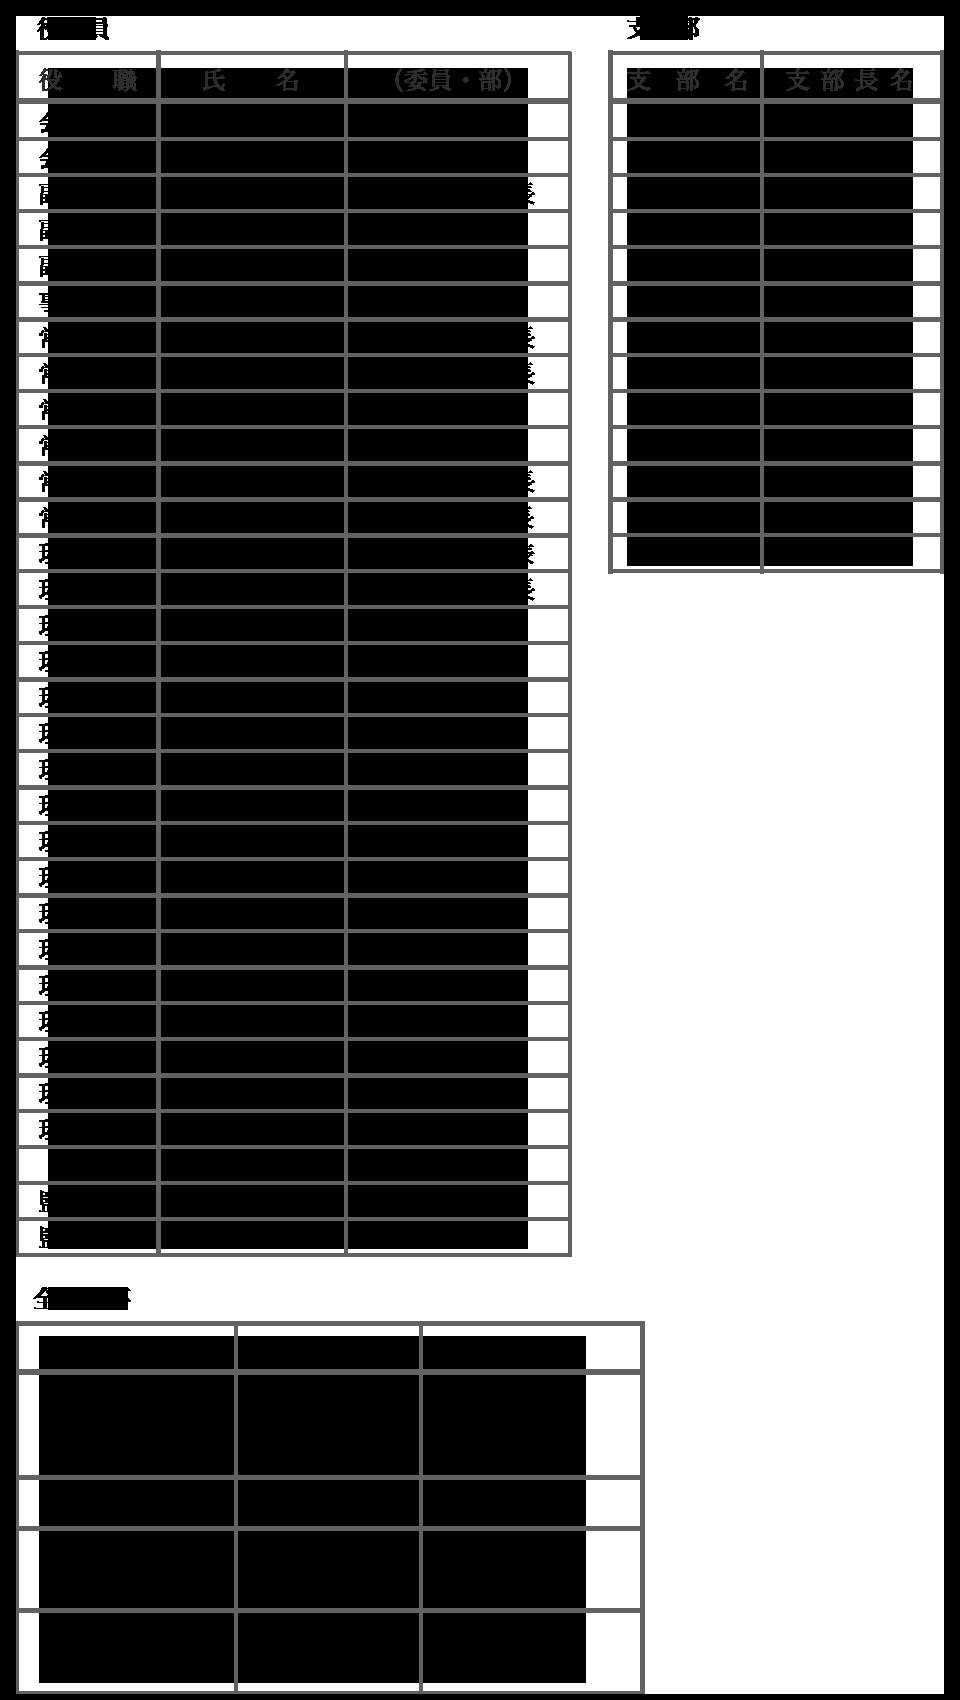 全日本同和会 東京都連合会役員 役員名簿